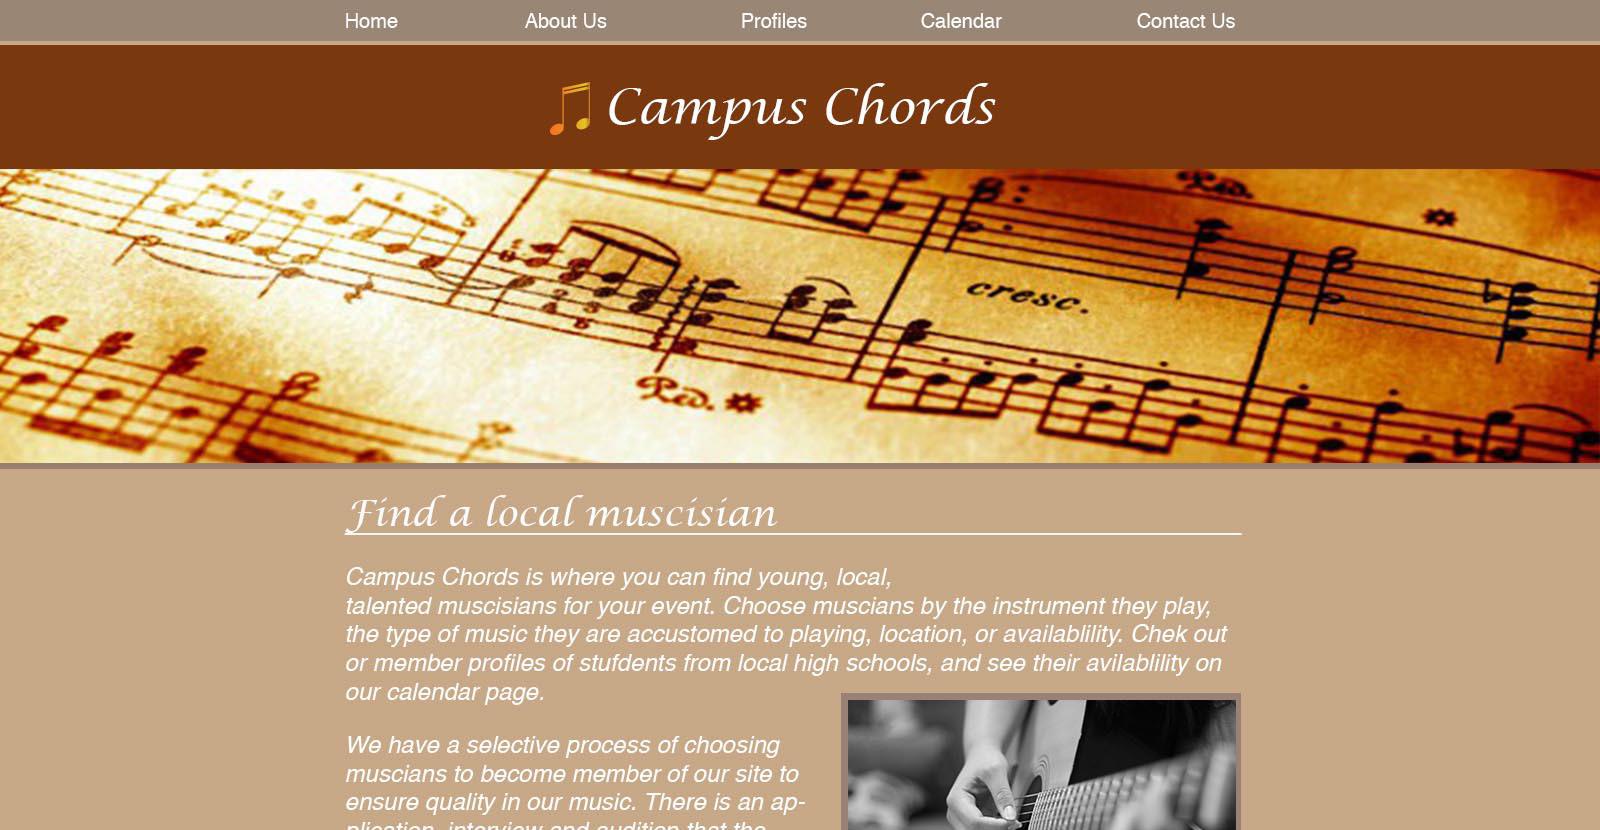 Campus Chords